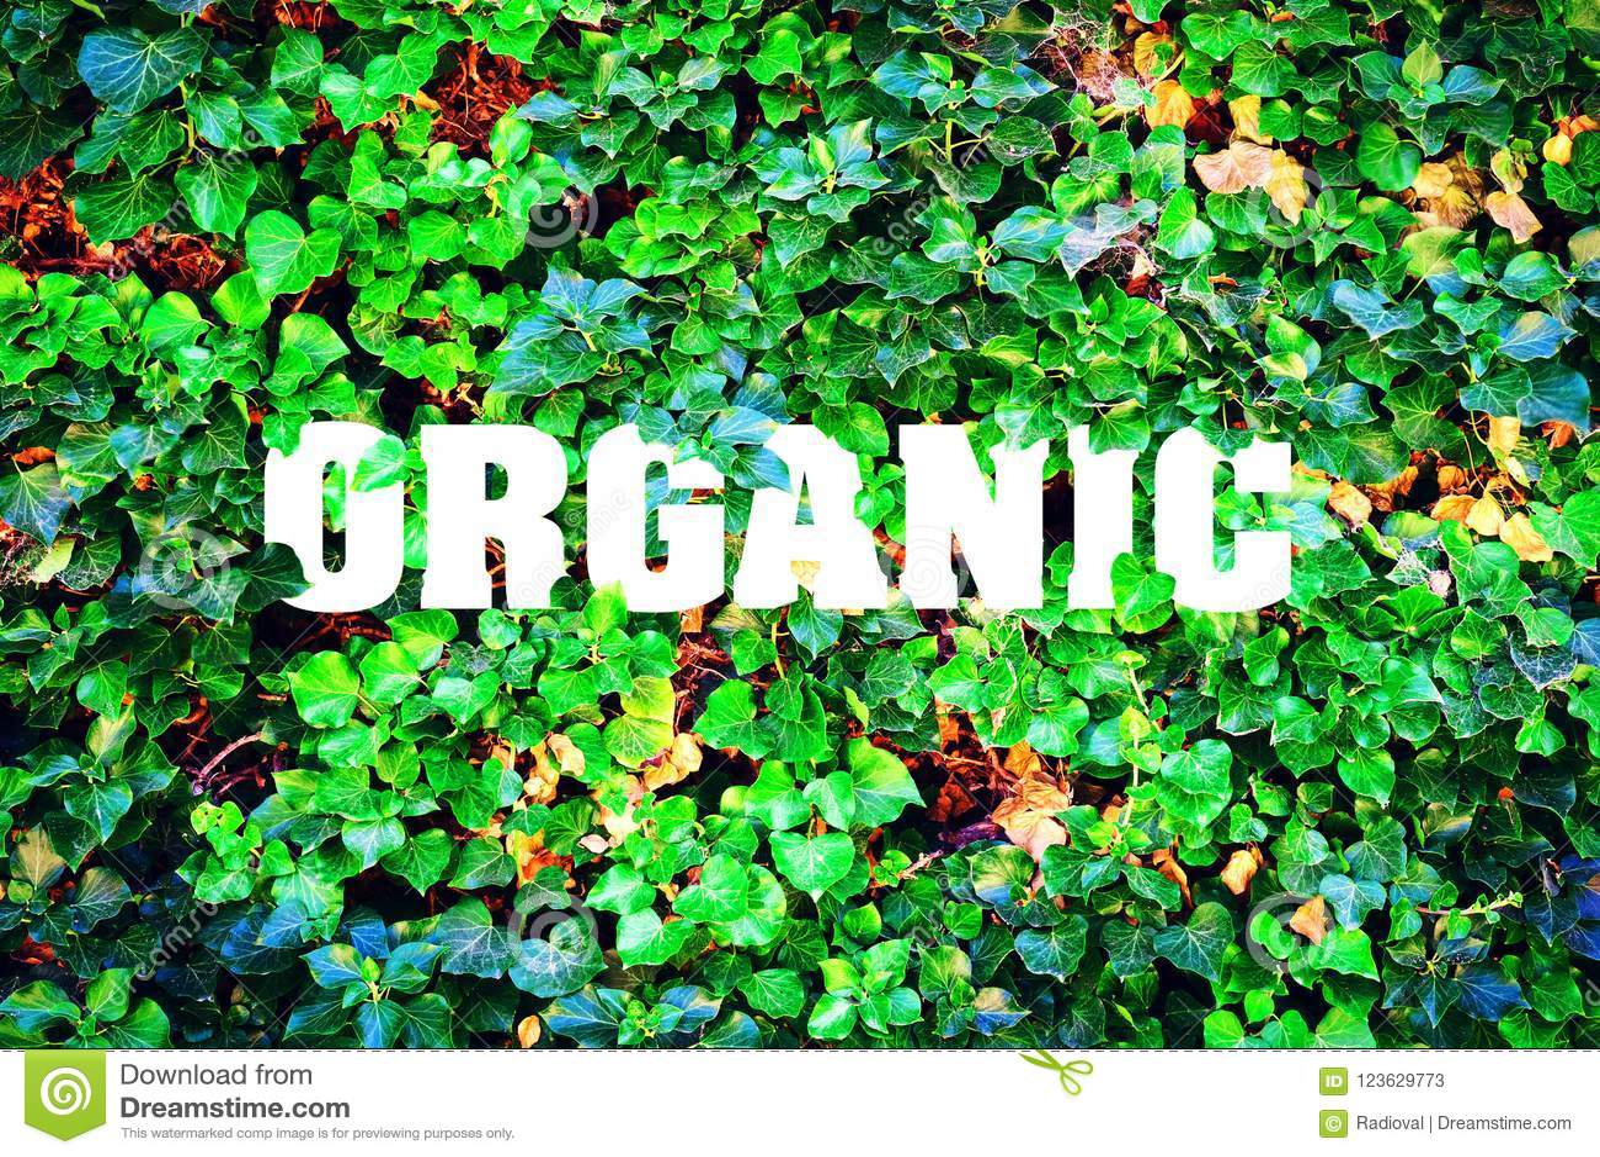 Οργανικός, επιγραφή στα πλαίσια των πράσινων φύλλων Φυσικό προϊόν